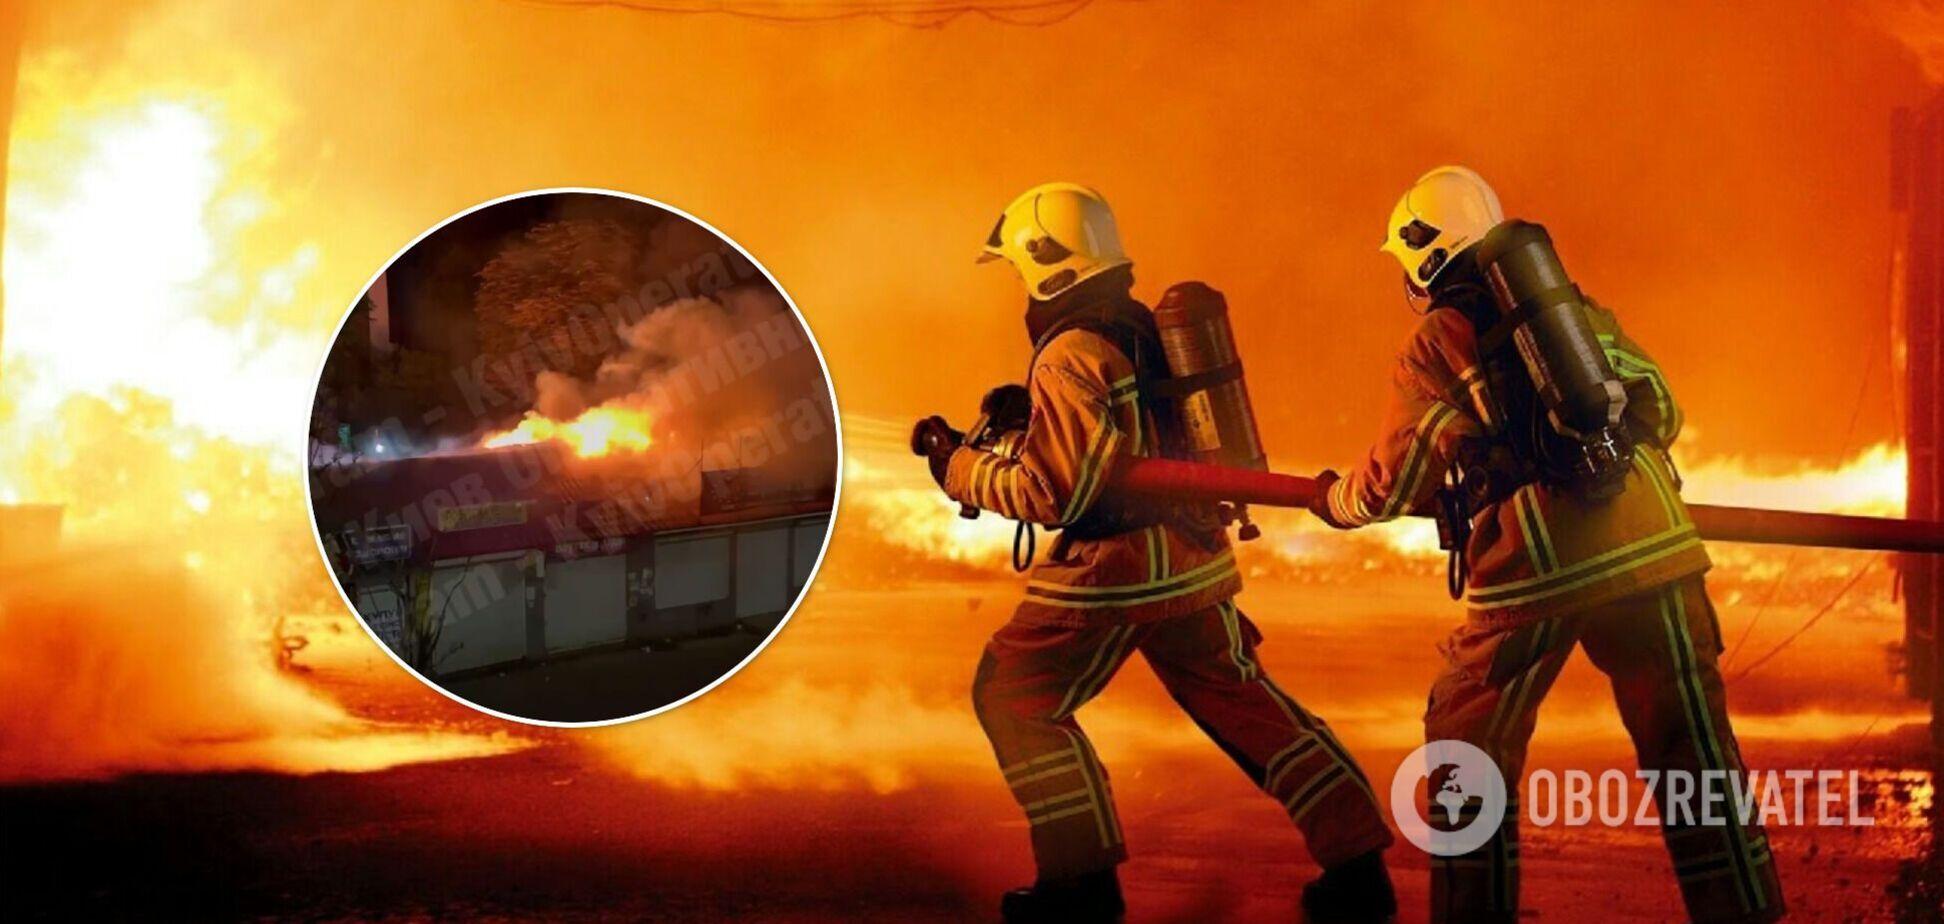 В Киеве возле метро загорелись МАФы. Фото и видео